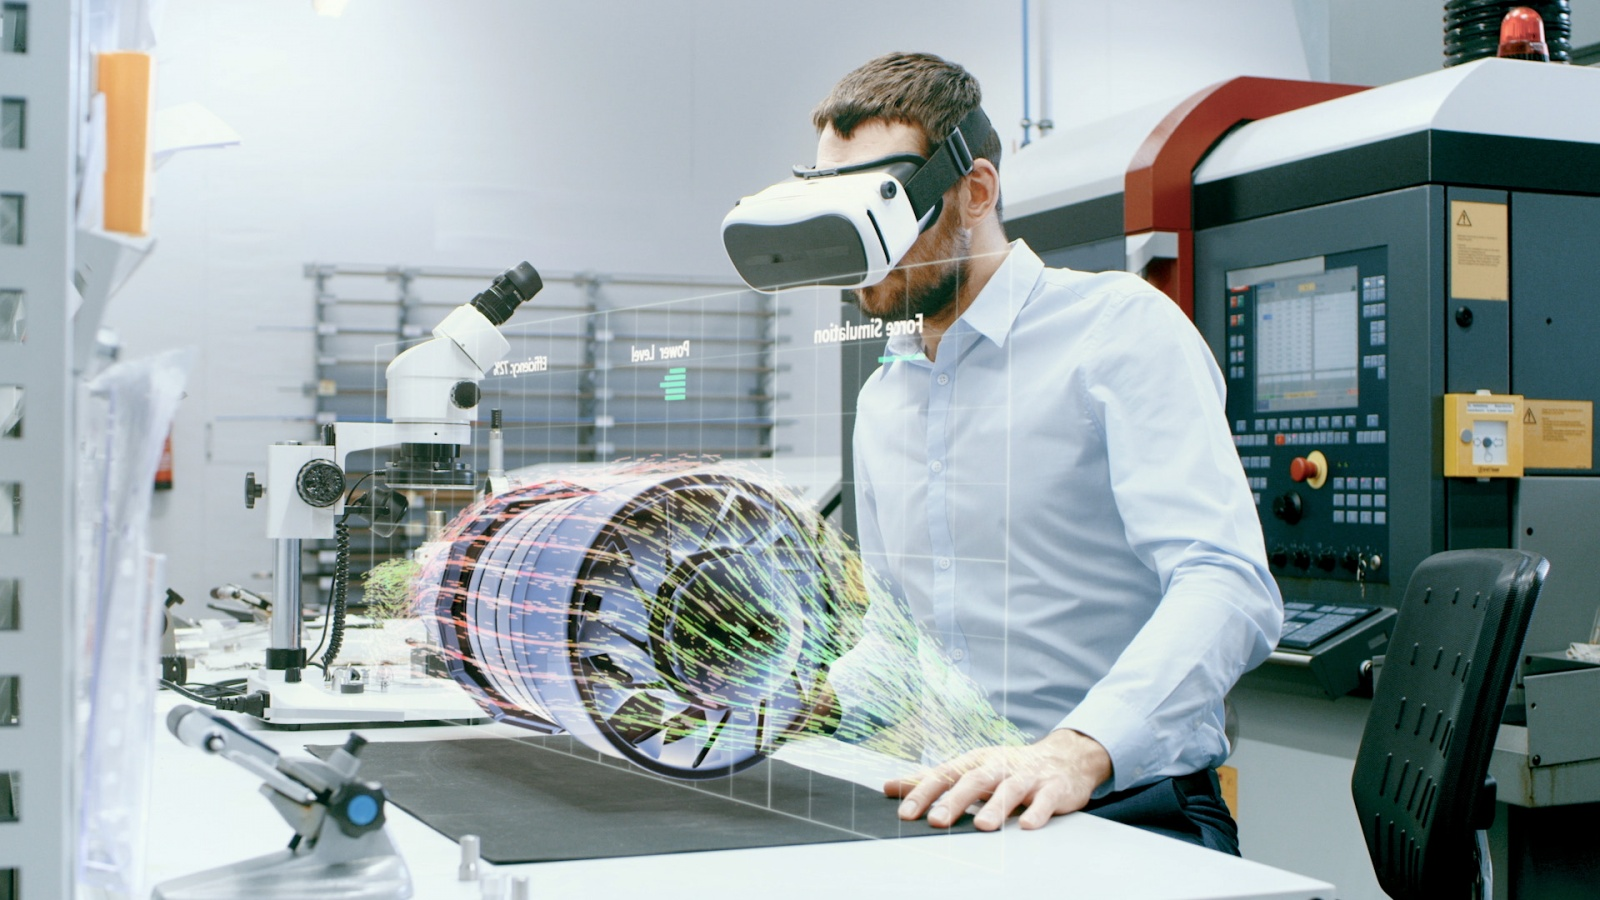 Будущее технологий: AR-VR в проектировании и дизайне - 2